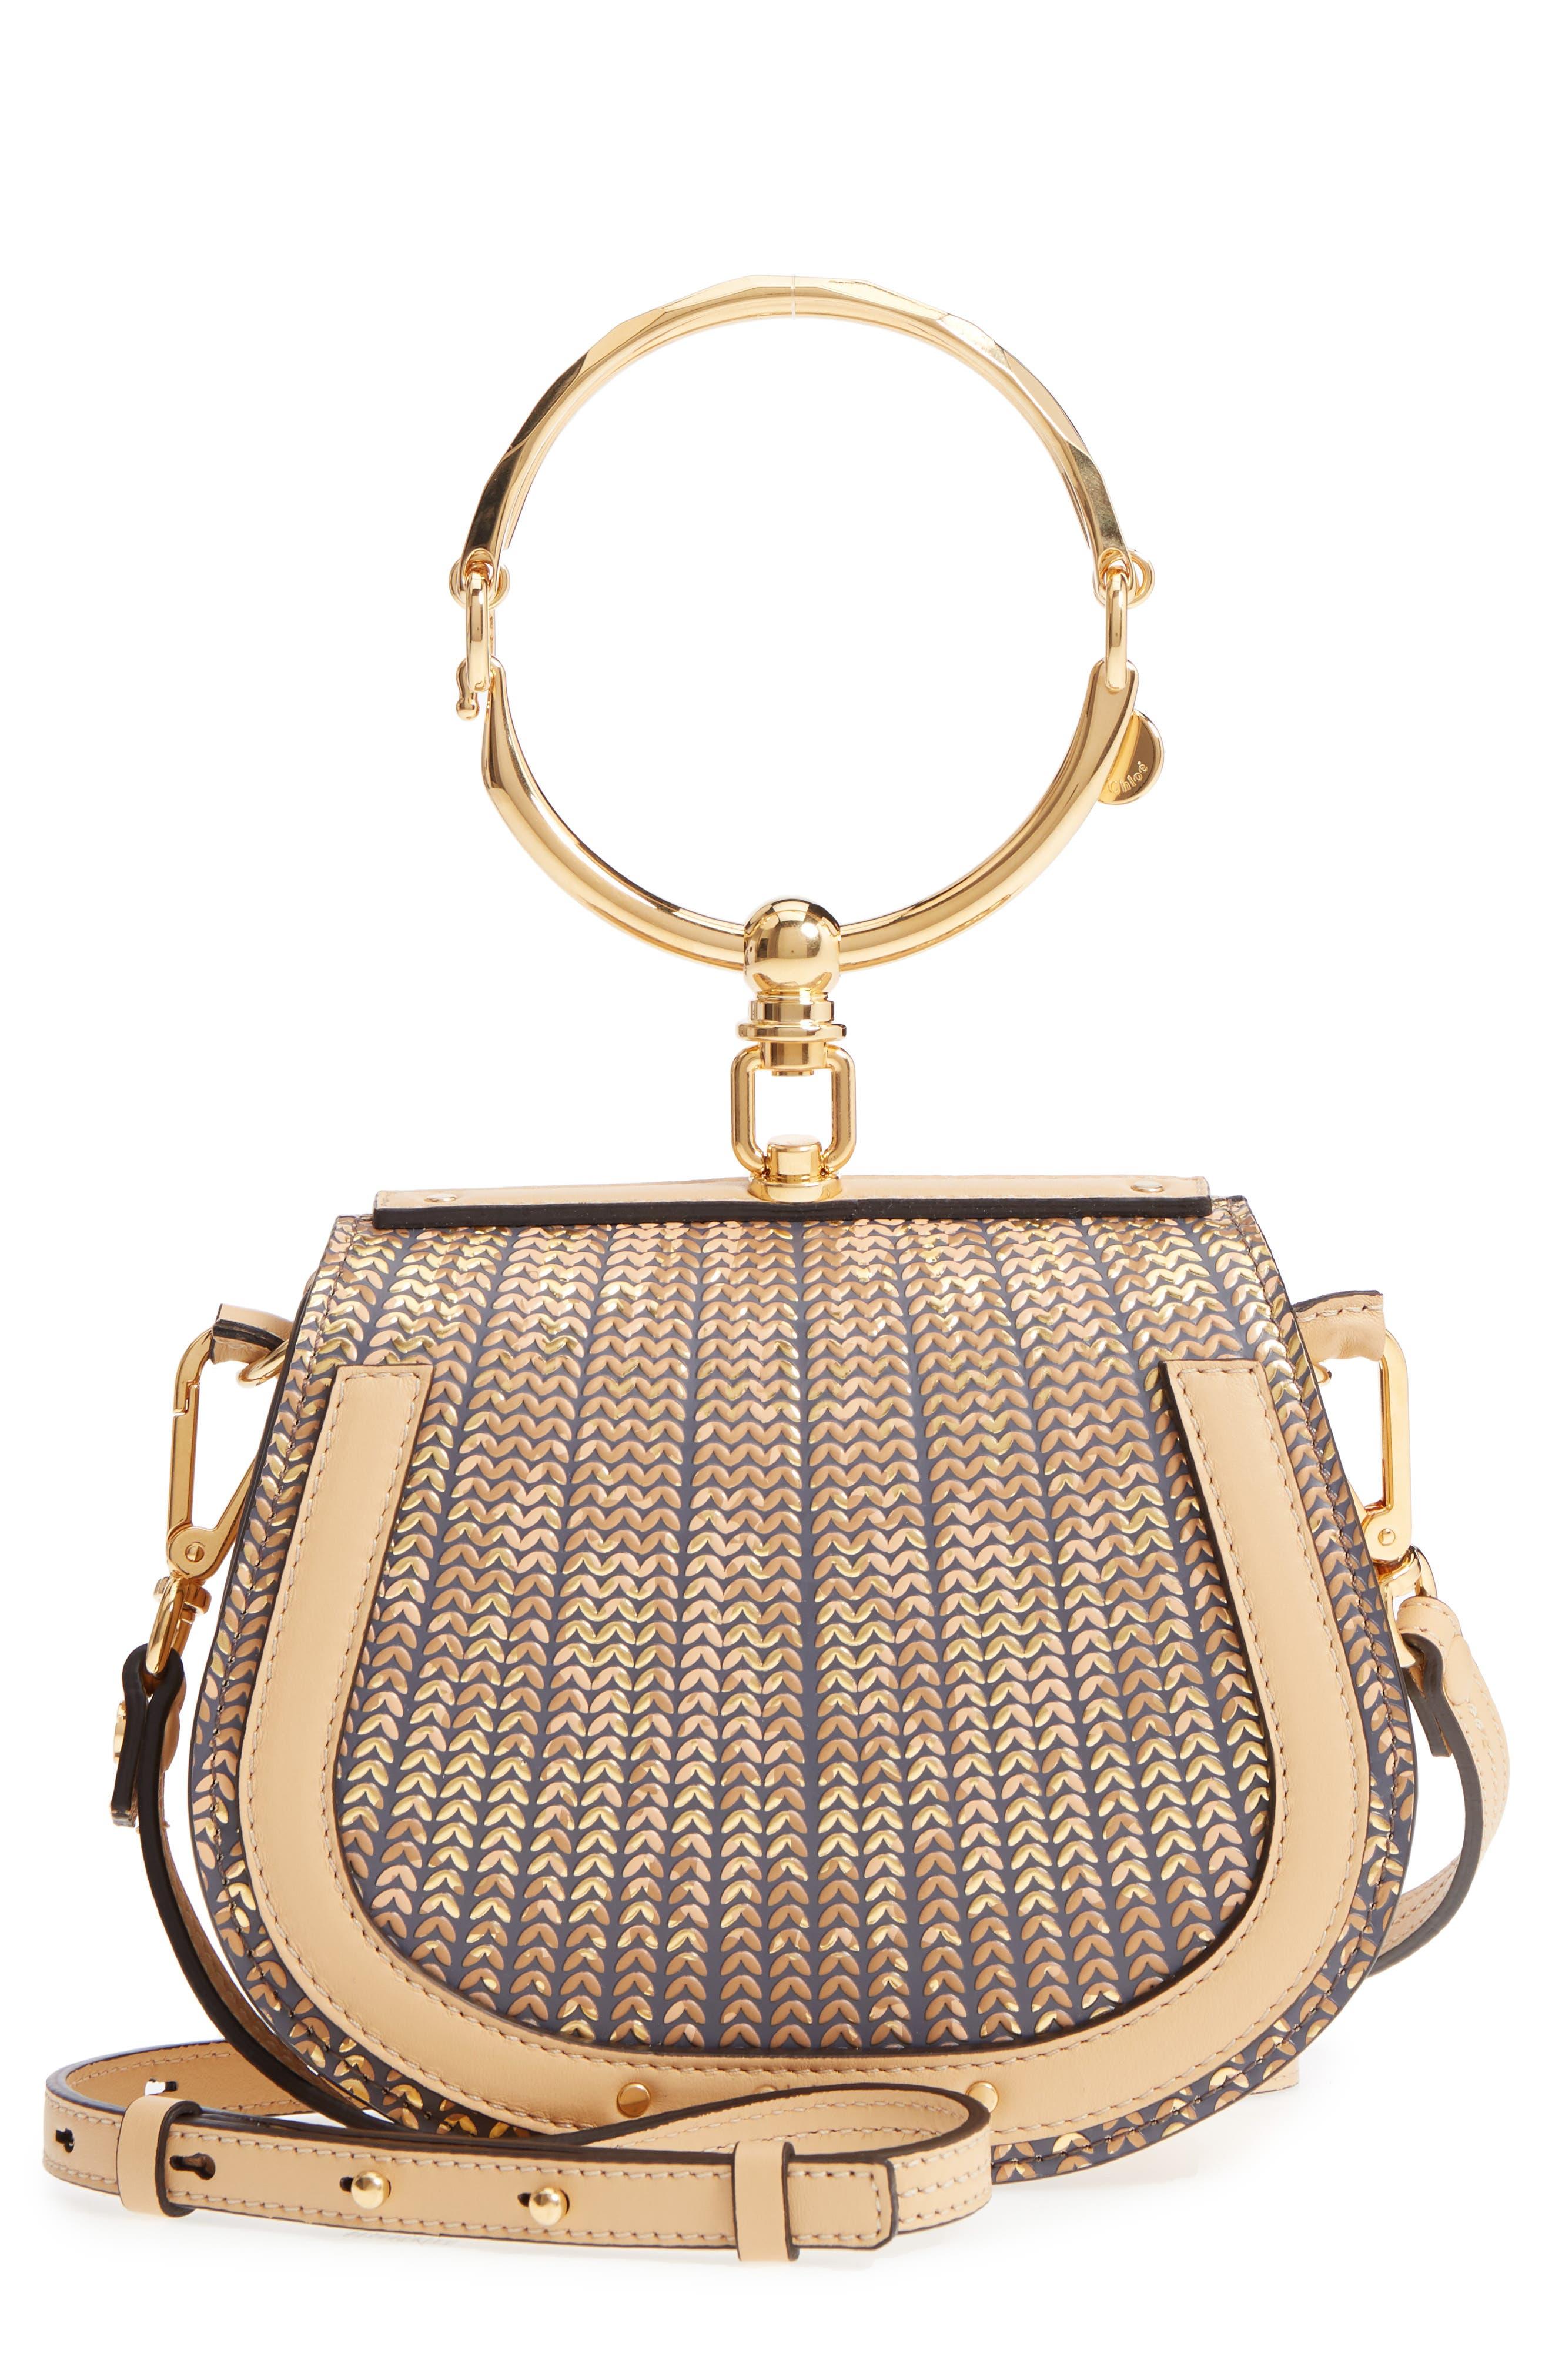 Chloé Small Nile Sequin Leather Bracelet Crossbody Bag